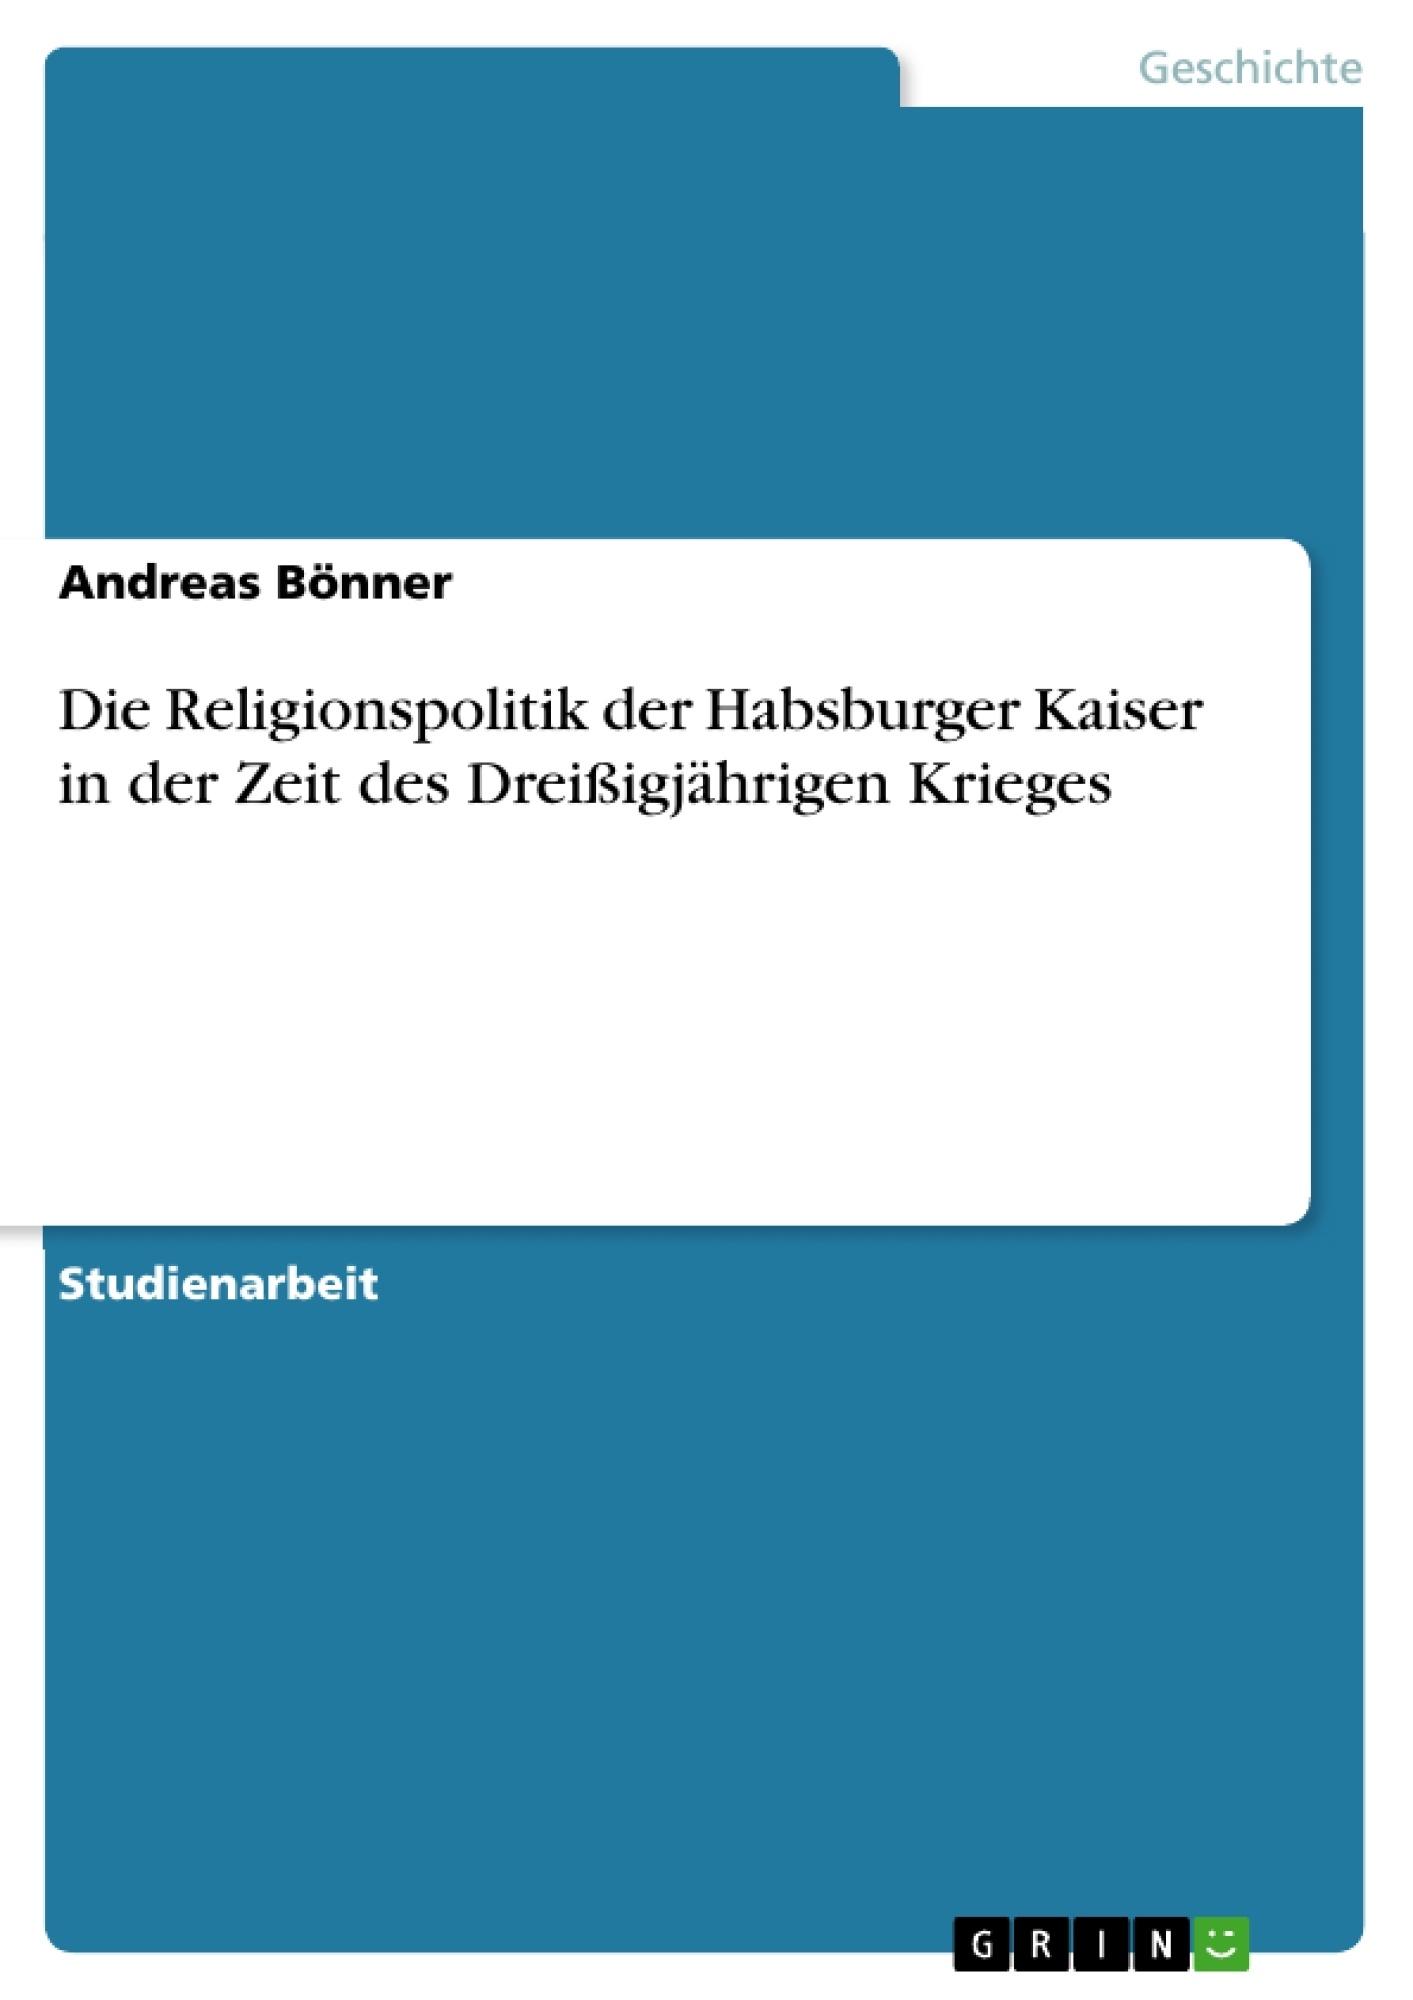 Titel: Die Religionspolitik der Habsburger Kaiser in der Zeit des Dreißigjährigen Krieges